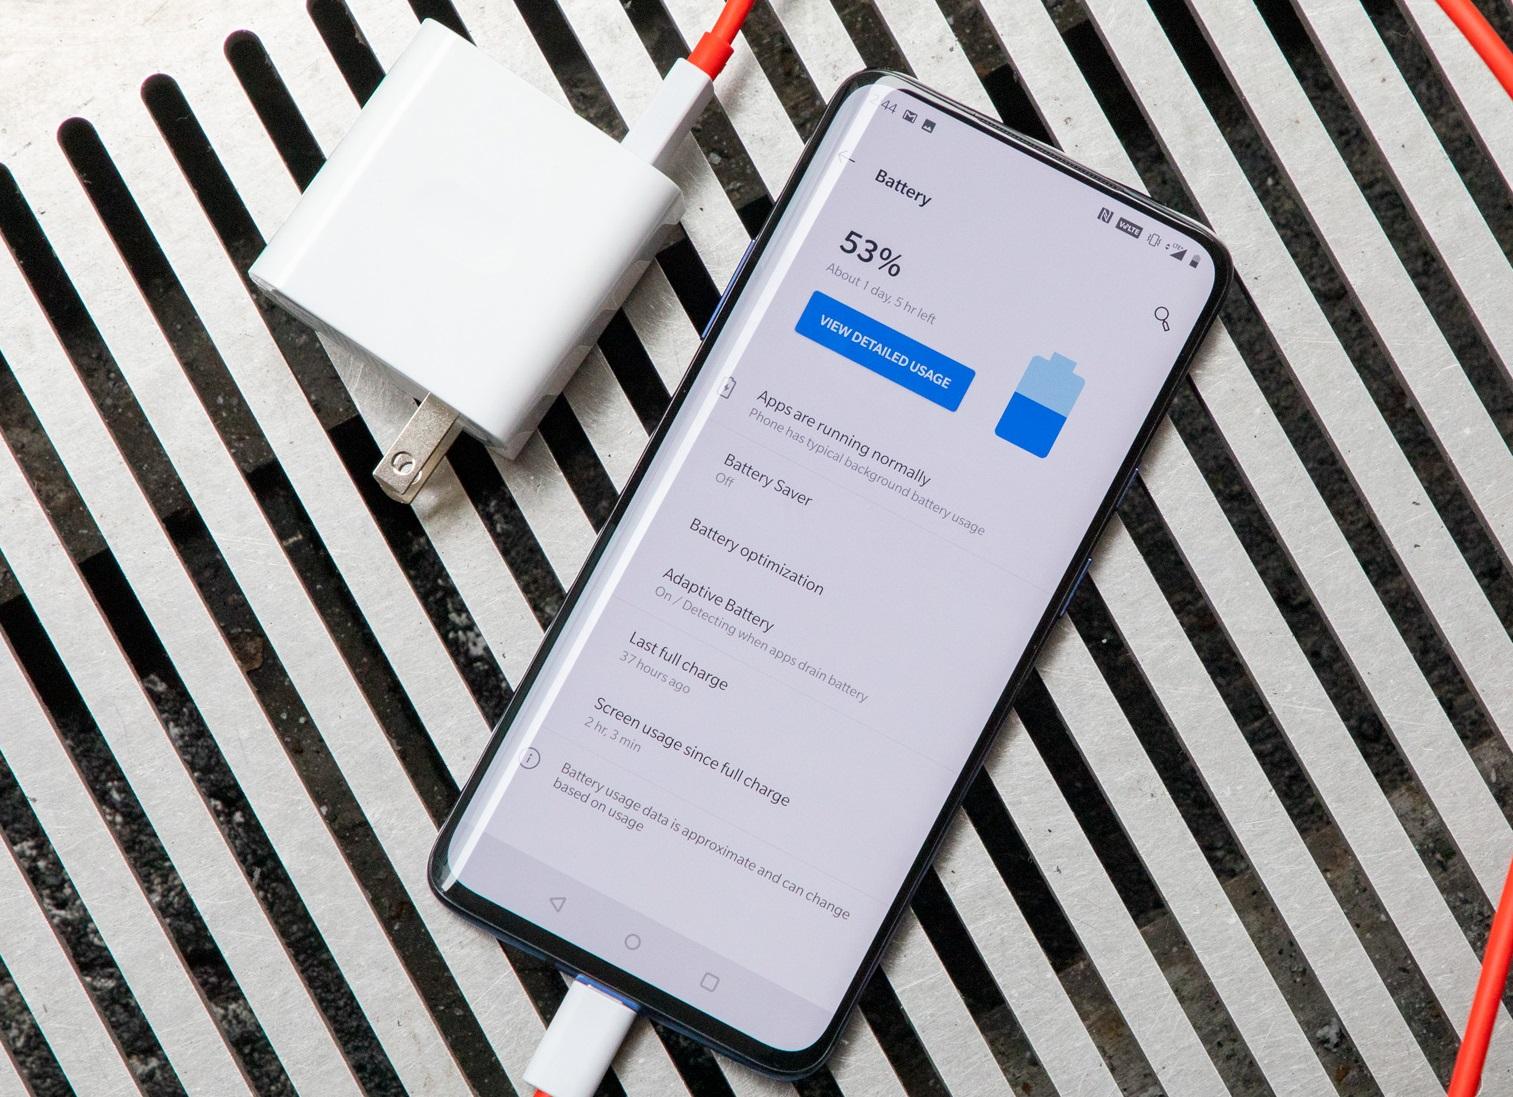 بعد صدور عملاق Samsung الأخير أيهما أفضل OnePlus 7 Pro أم Samsung Galaxy Note 10 Plus